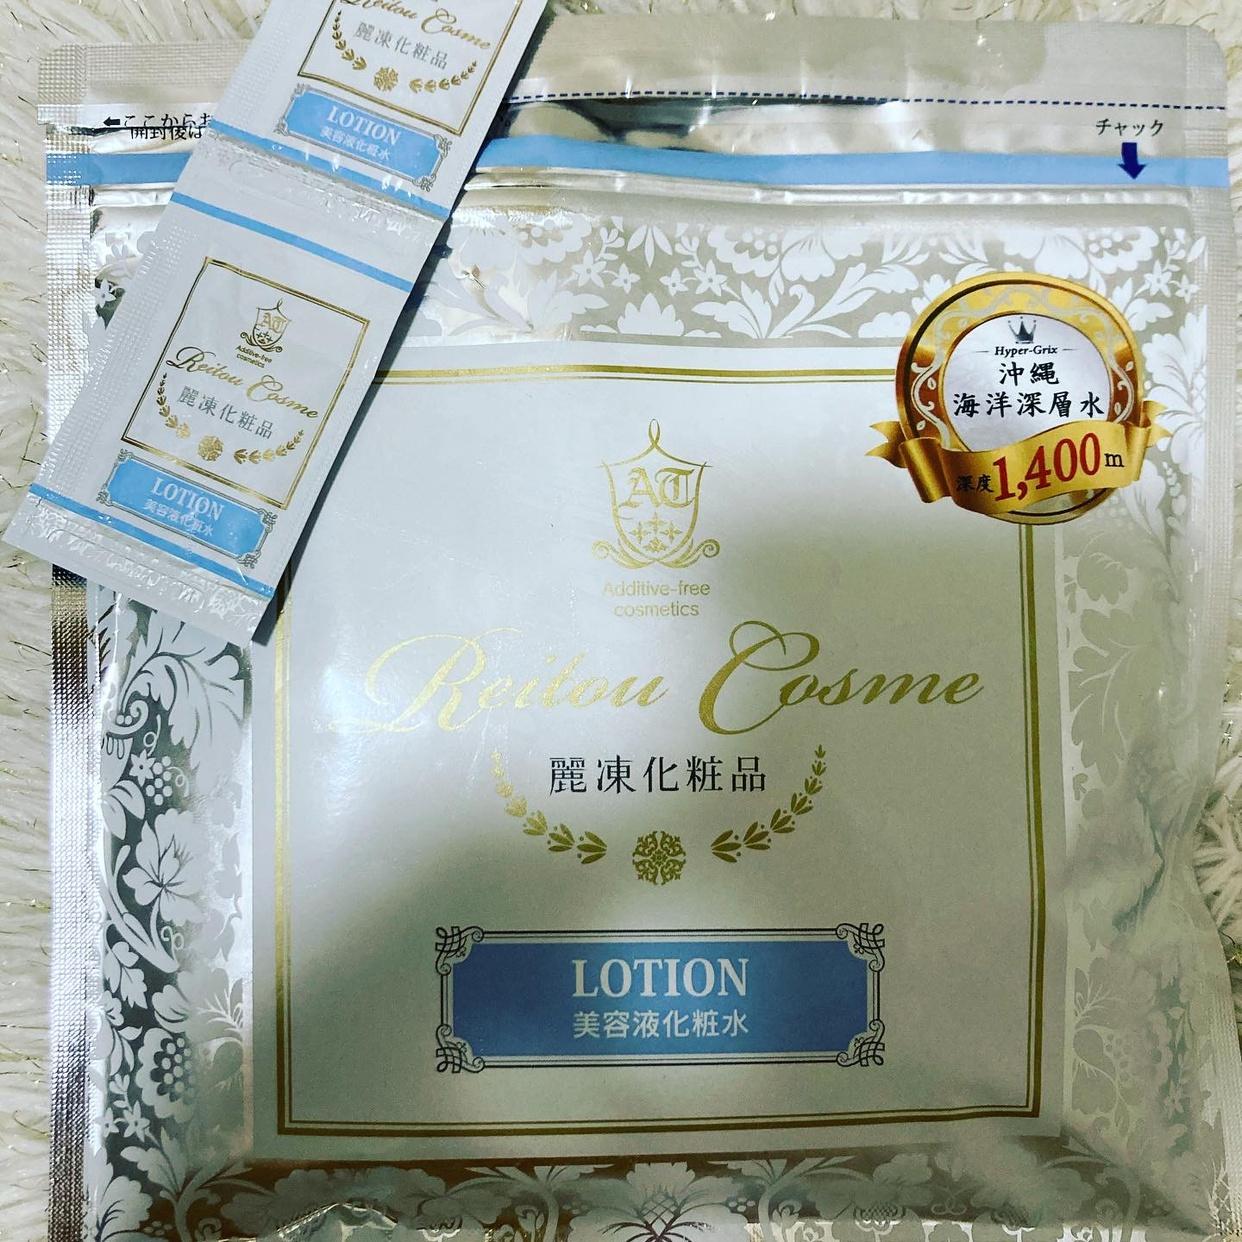 麗凍化粧品(Reitou Cosme) 美容液 化粧水を使ったbaby Tigerさんのクチコミ画像2